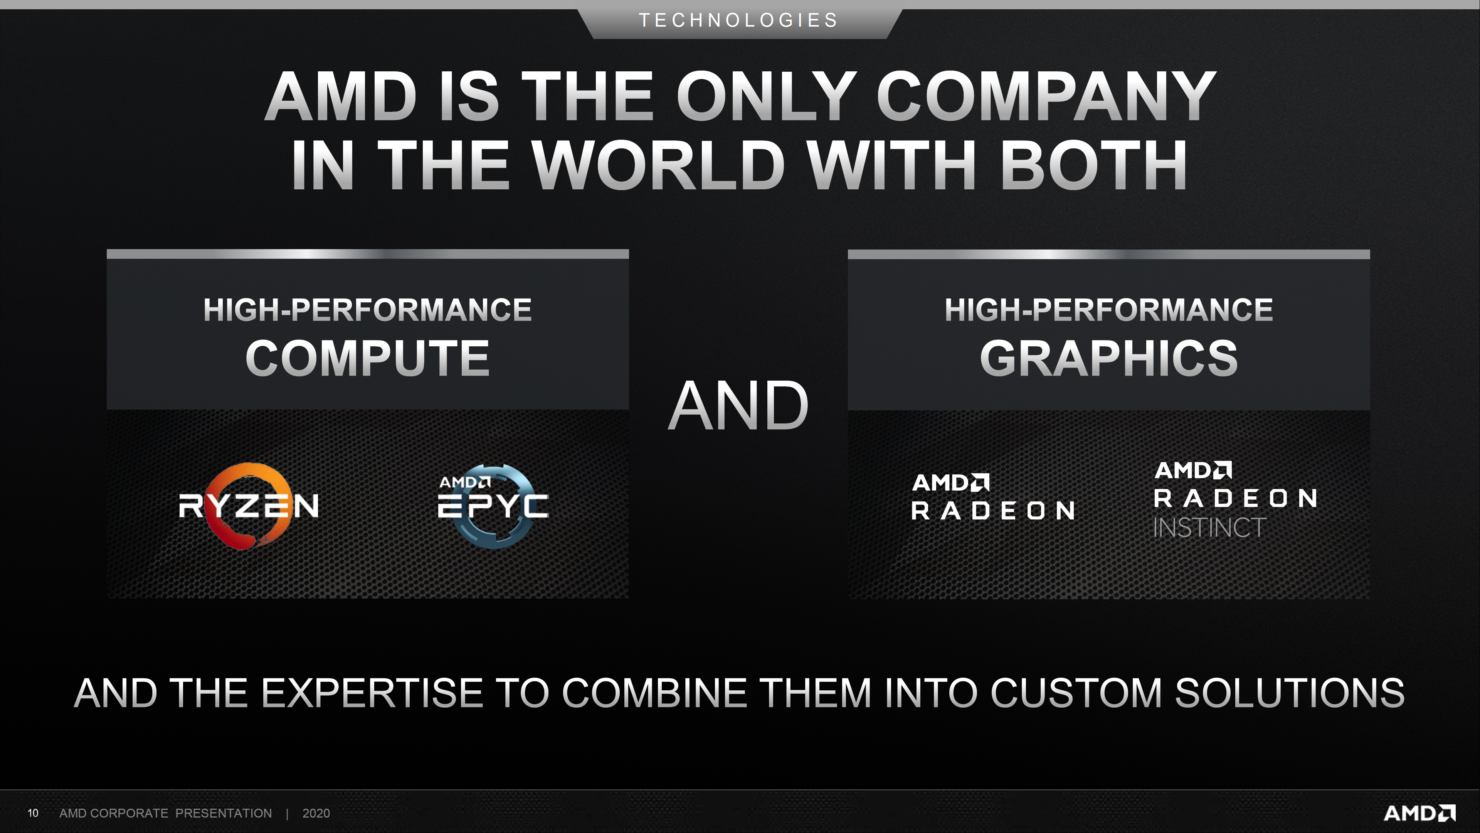 amd-cpu-gpu-technologies